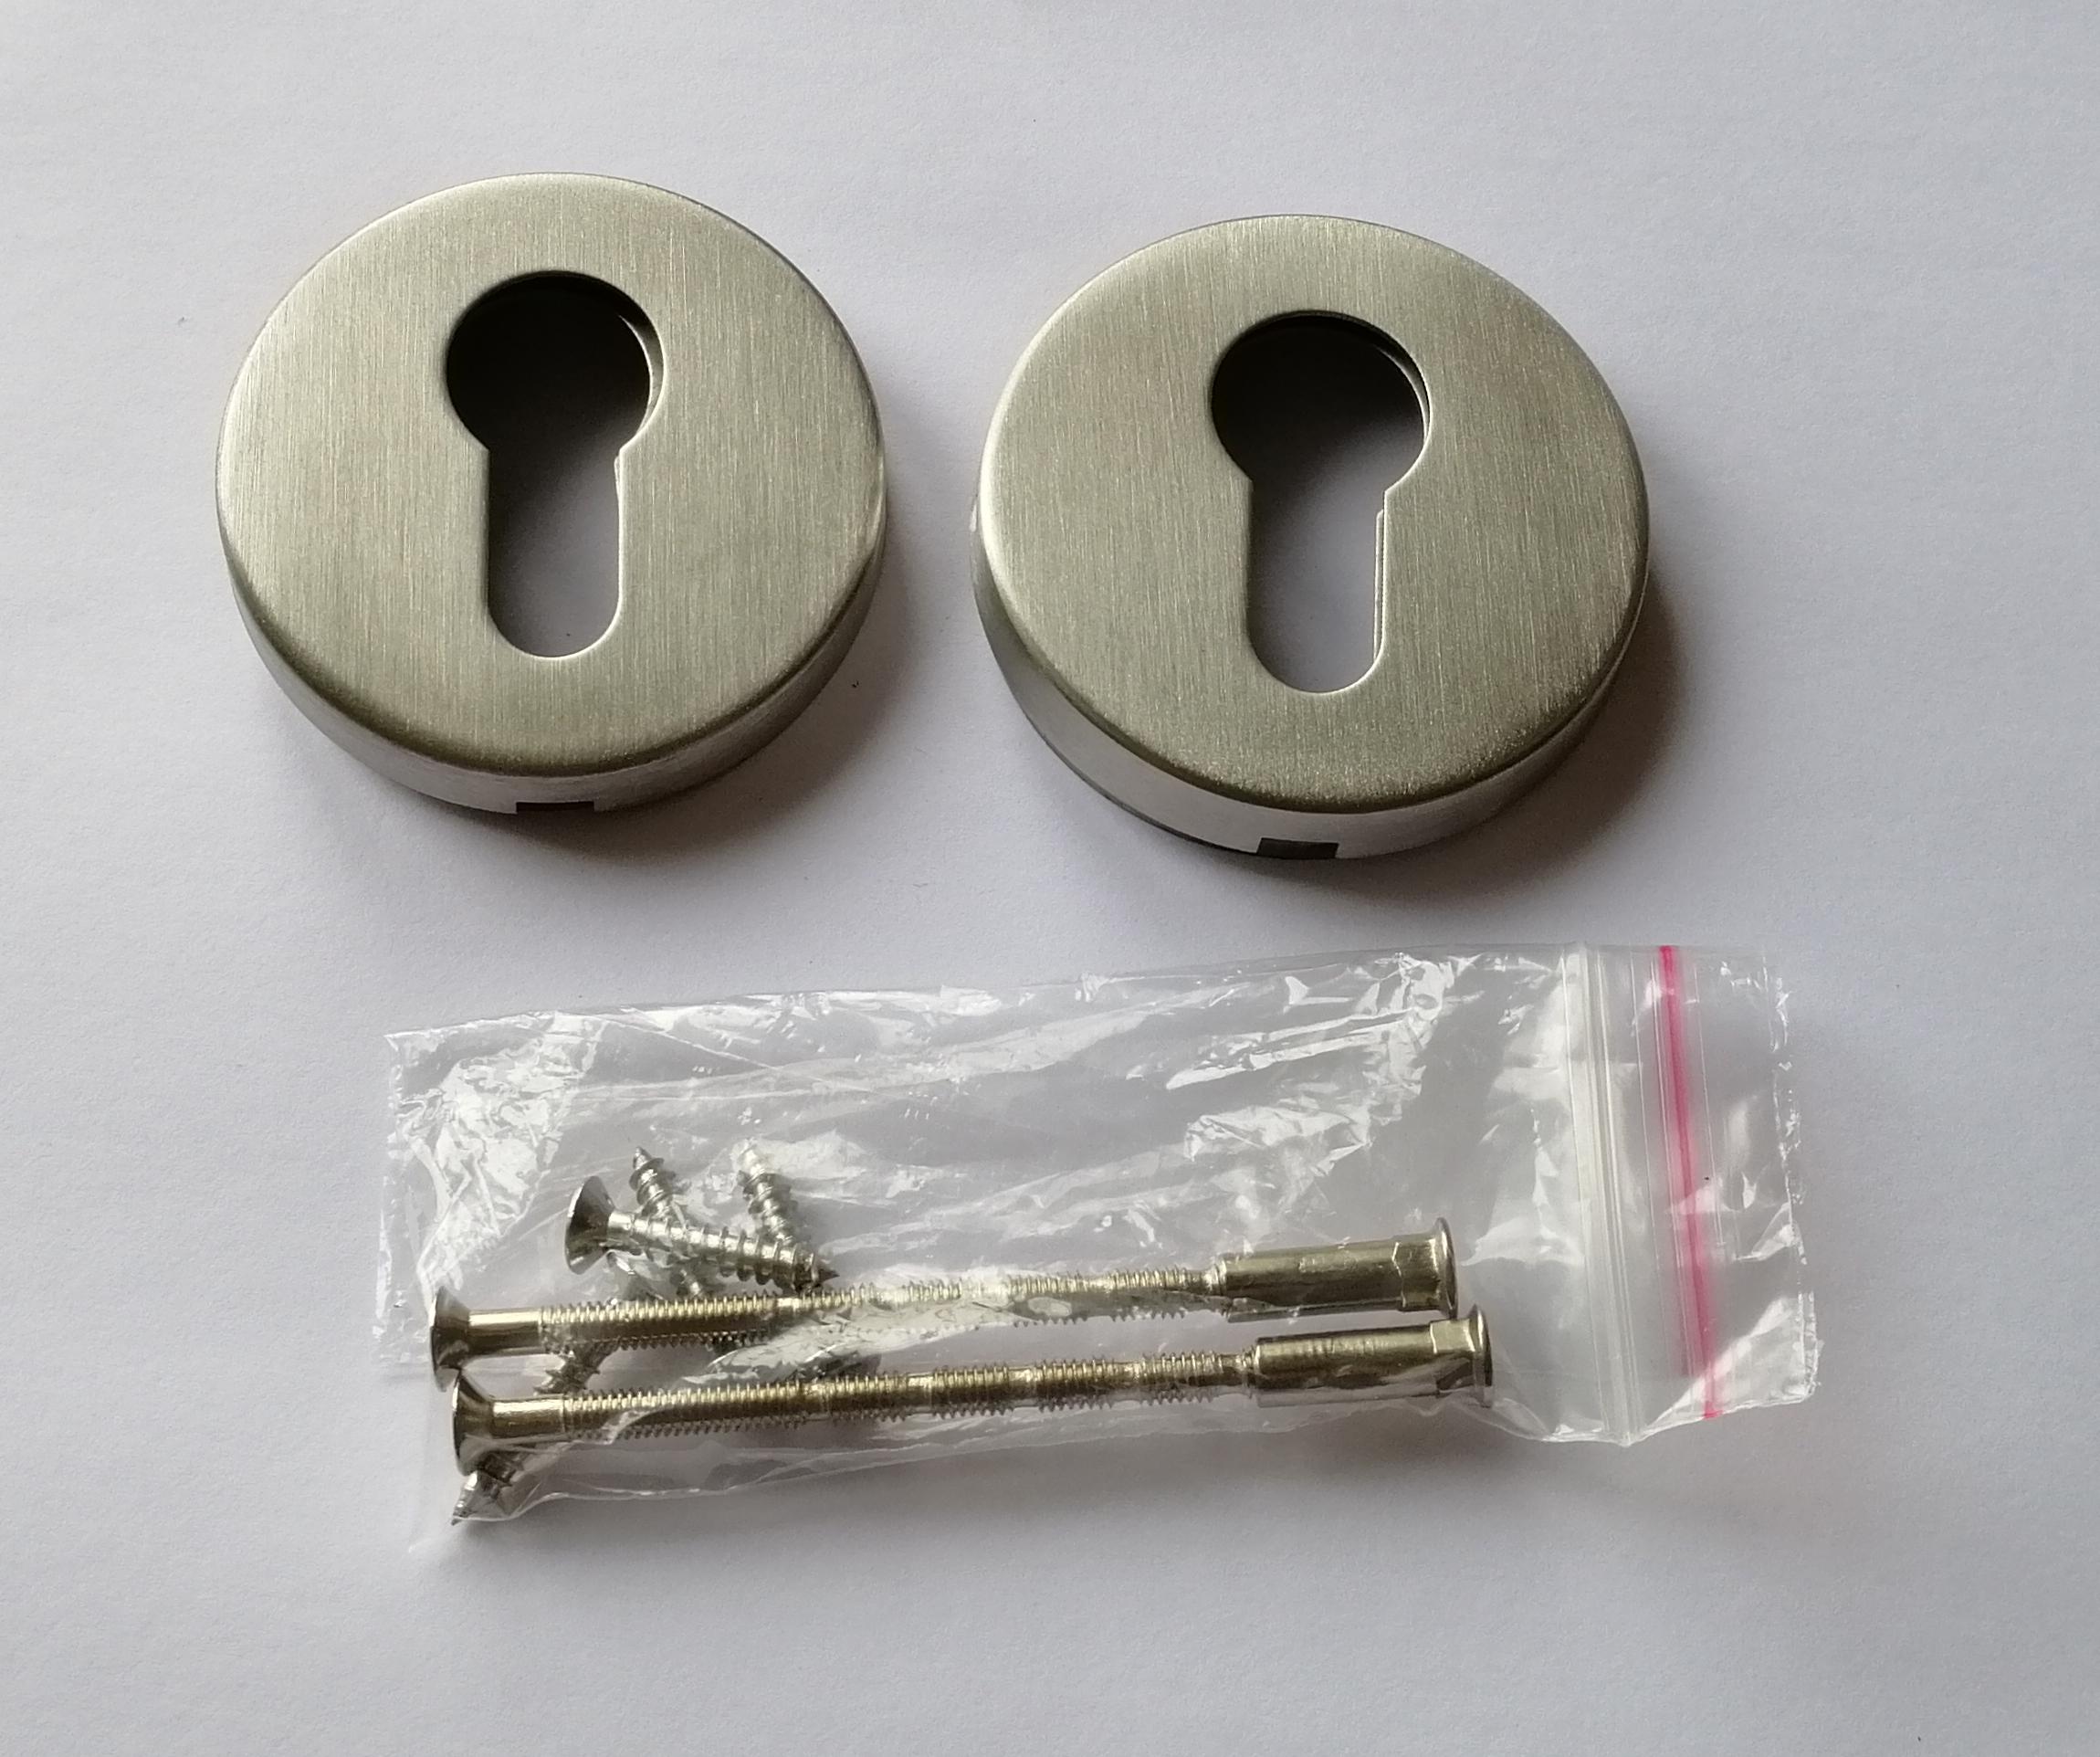 Inoxová okrúhla rozeta pre cylindrickú vložku z brúsenej nereze